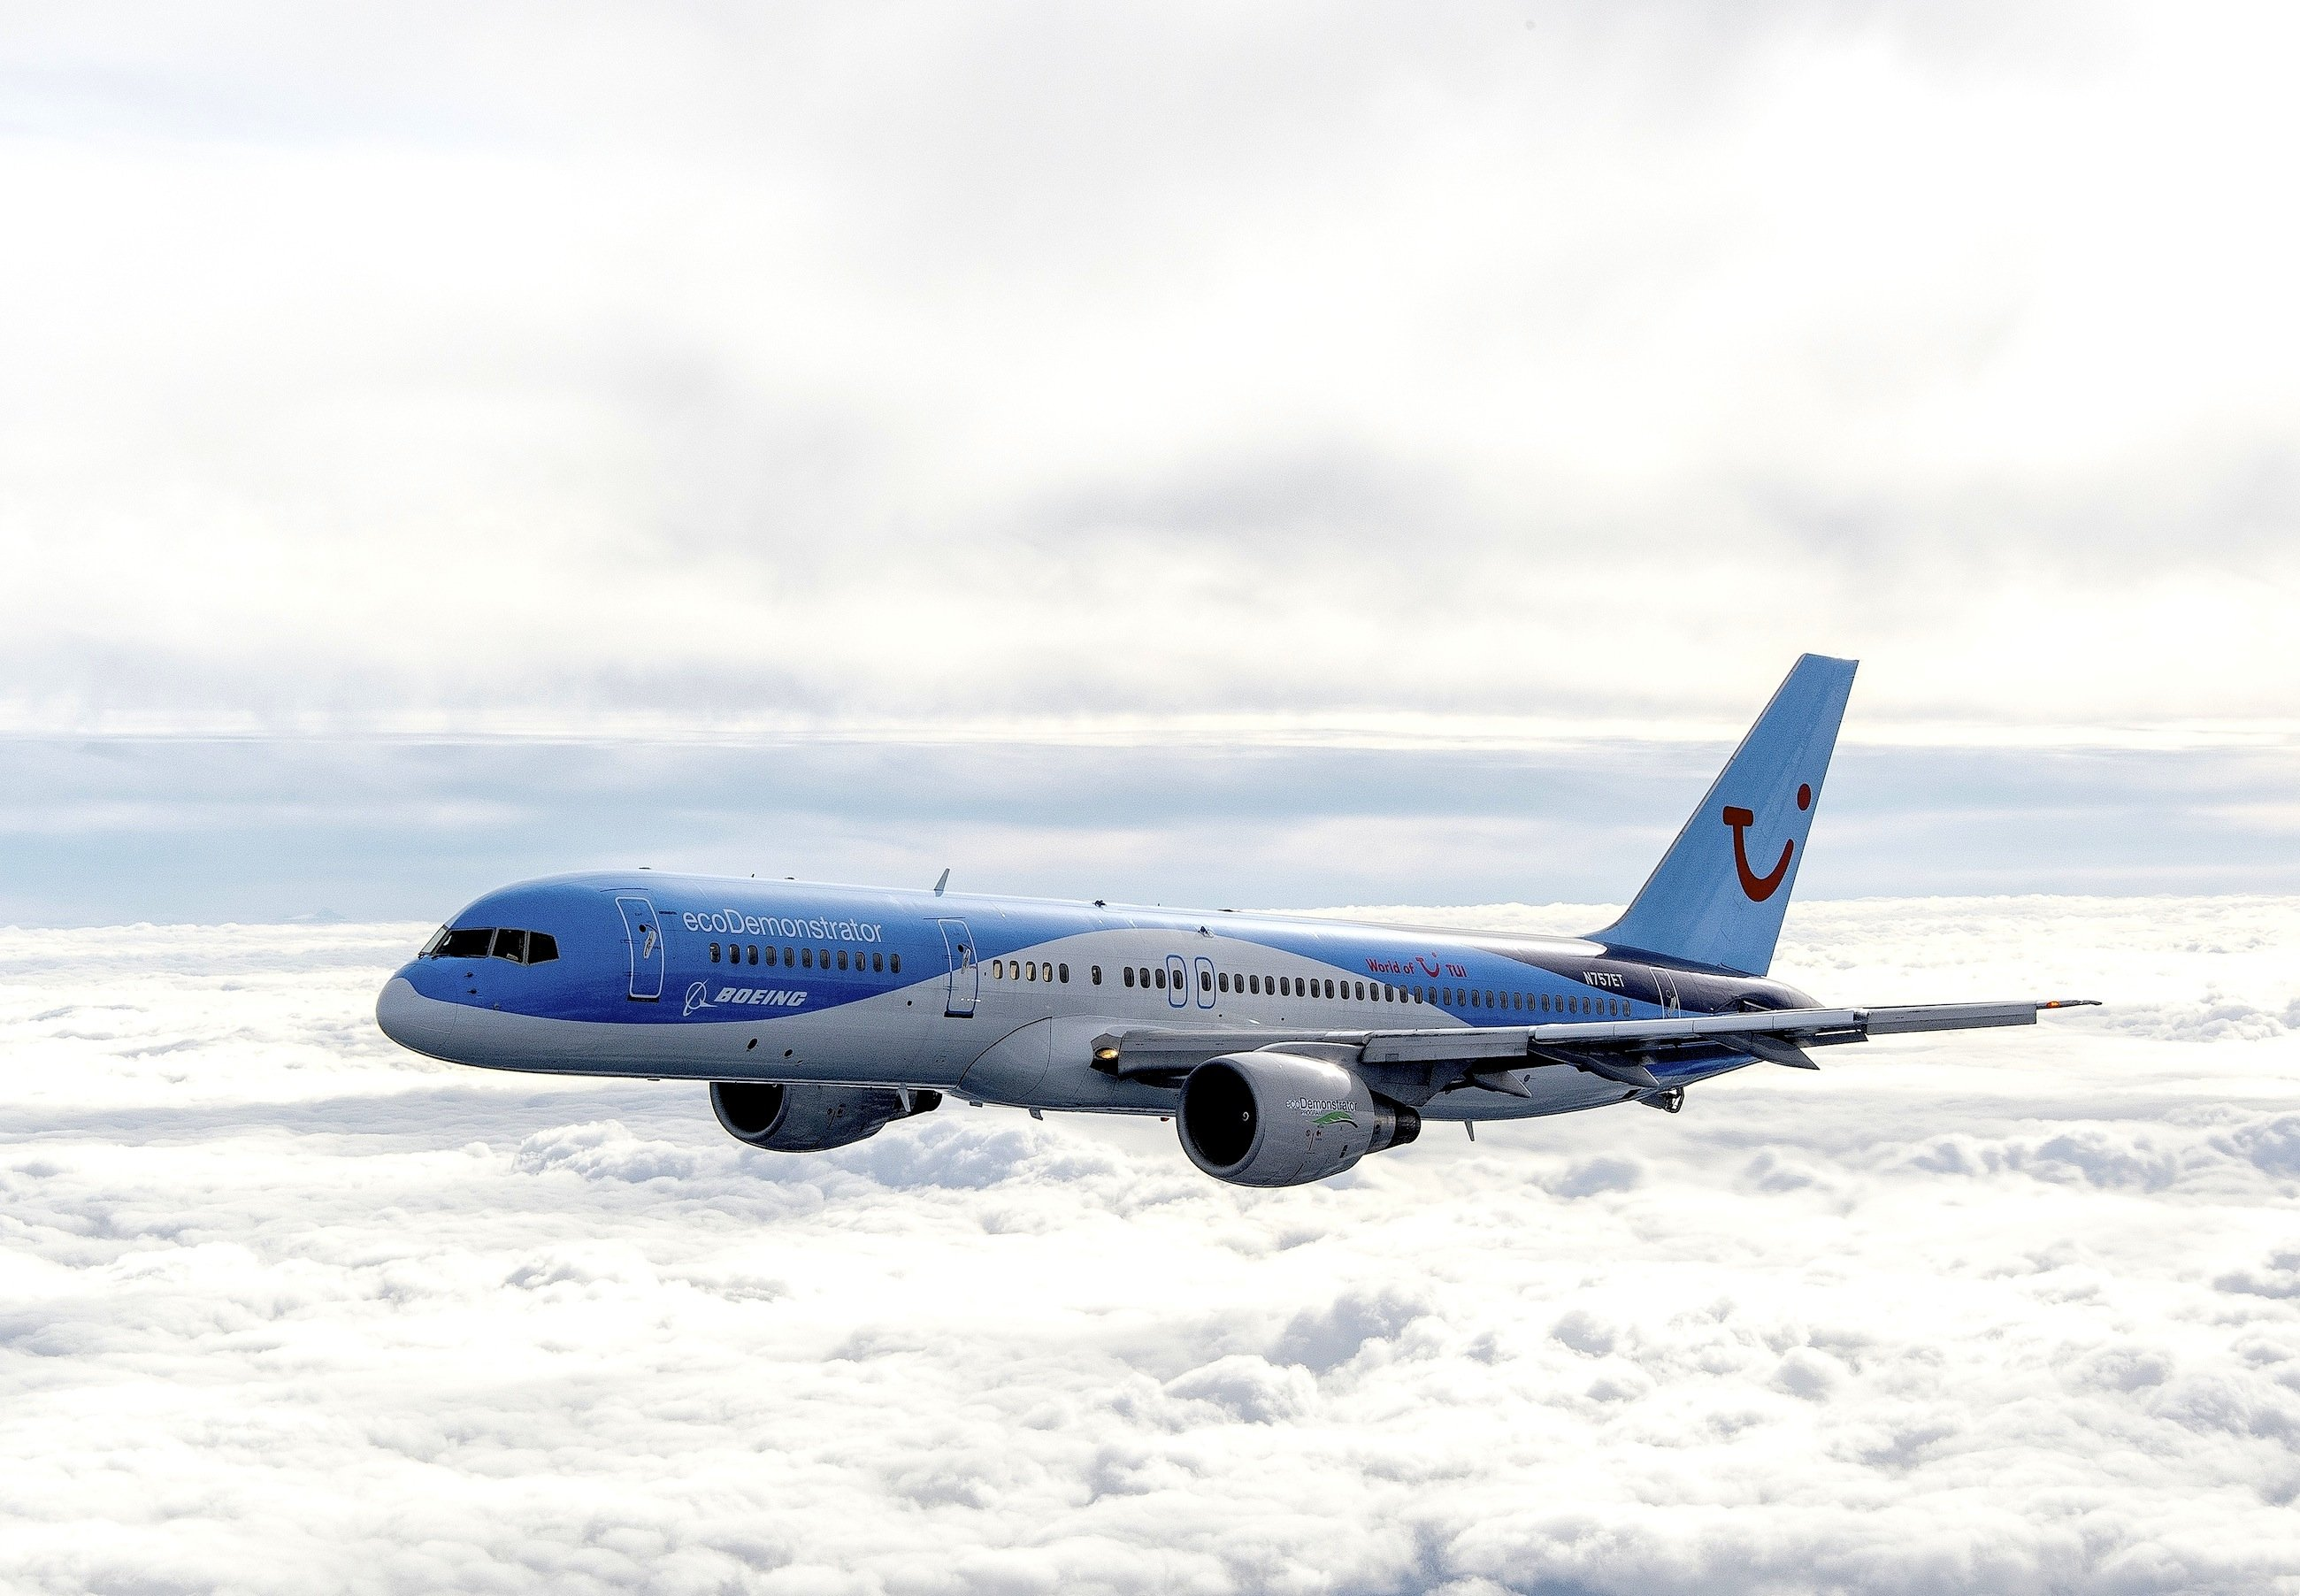 Die ecoDemonstrator 757 von Boeing und TUI über den Wolken: Das Flugzeug absolviert gerade Testflüge, um neue Techniken zu erproben. So sind die Tragflächen besonders beschichtet, um das Ankleben von Insekten zu verhindern und den Luftwiderstand zu verbessern.